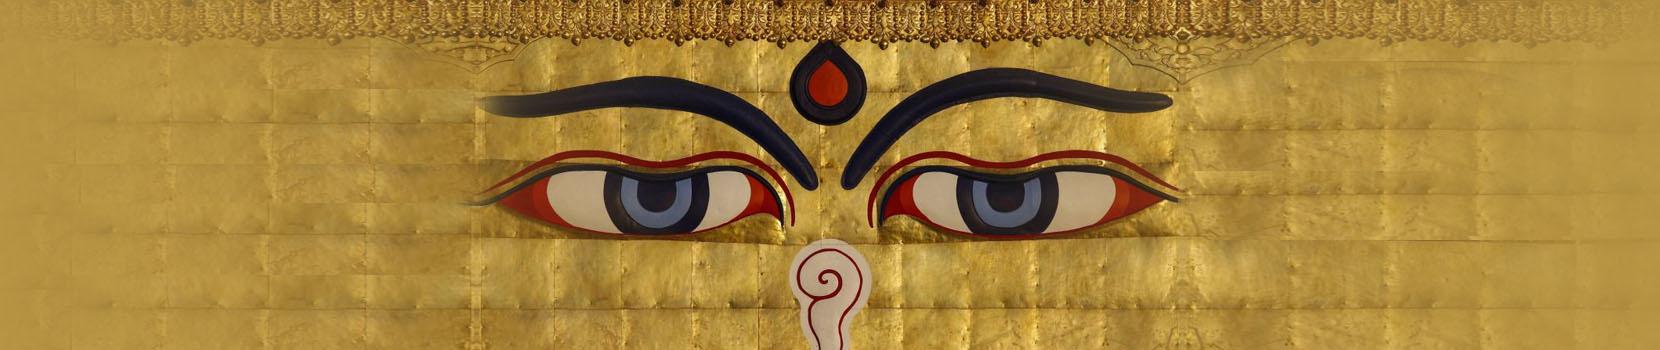 Los tres ojos de Buda vuelven a ver tras el terremoto en Nepal